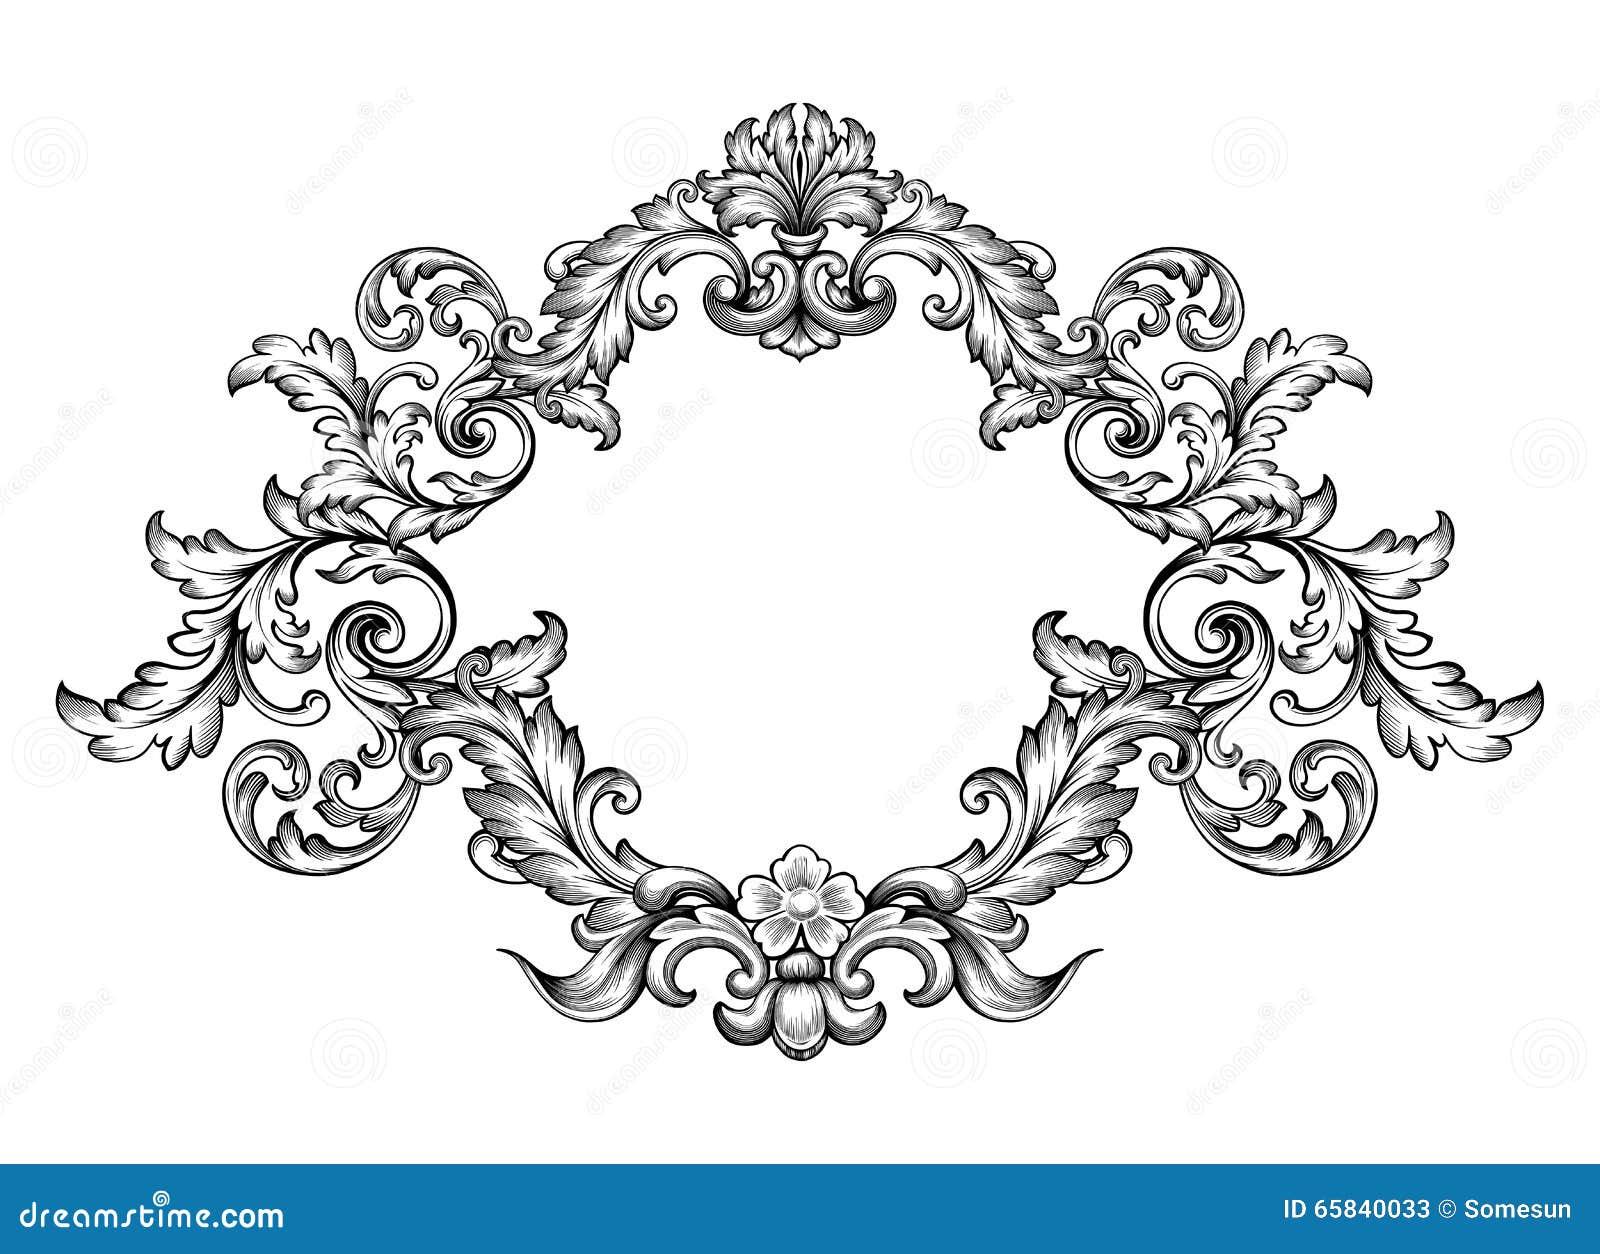 tatouage de mod le grav par rouleau victorien baroque d 39 ornement floral de monogramme de. Black Bedroom Furniture Sets. Home Design Ideas